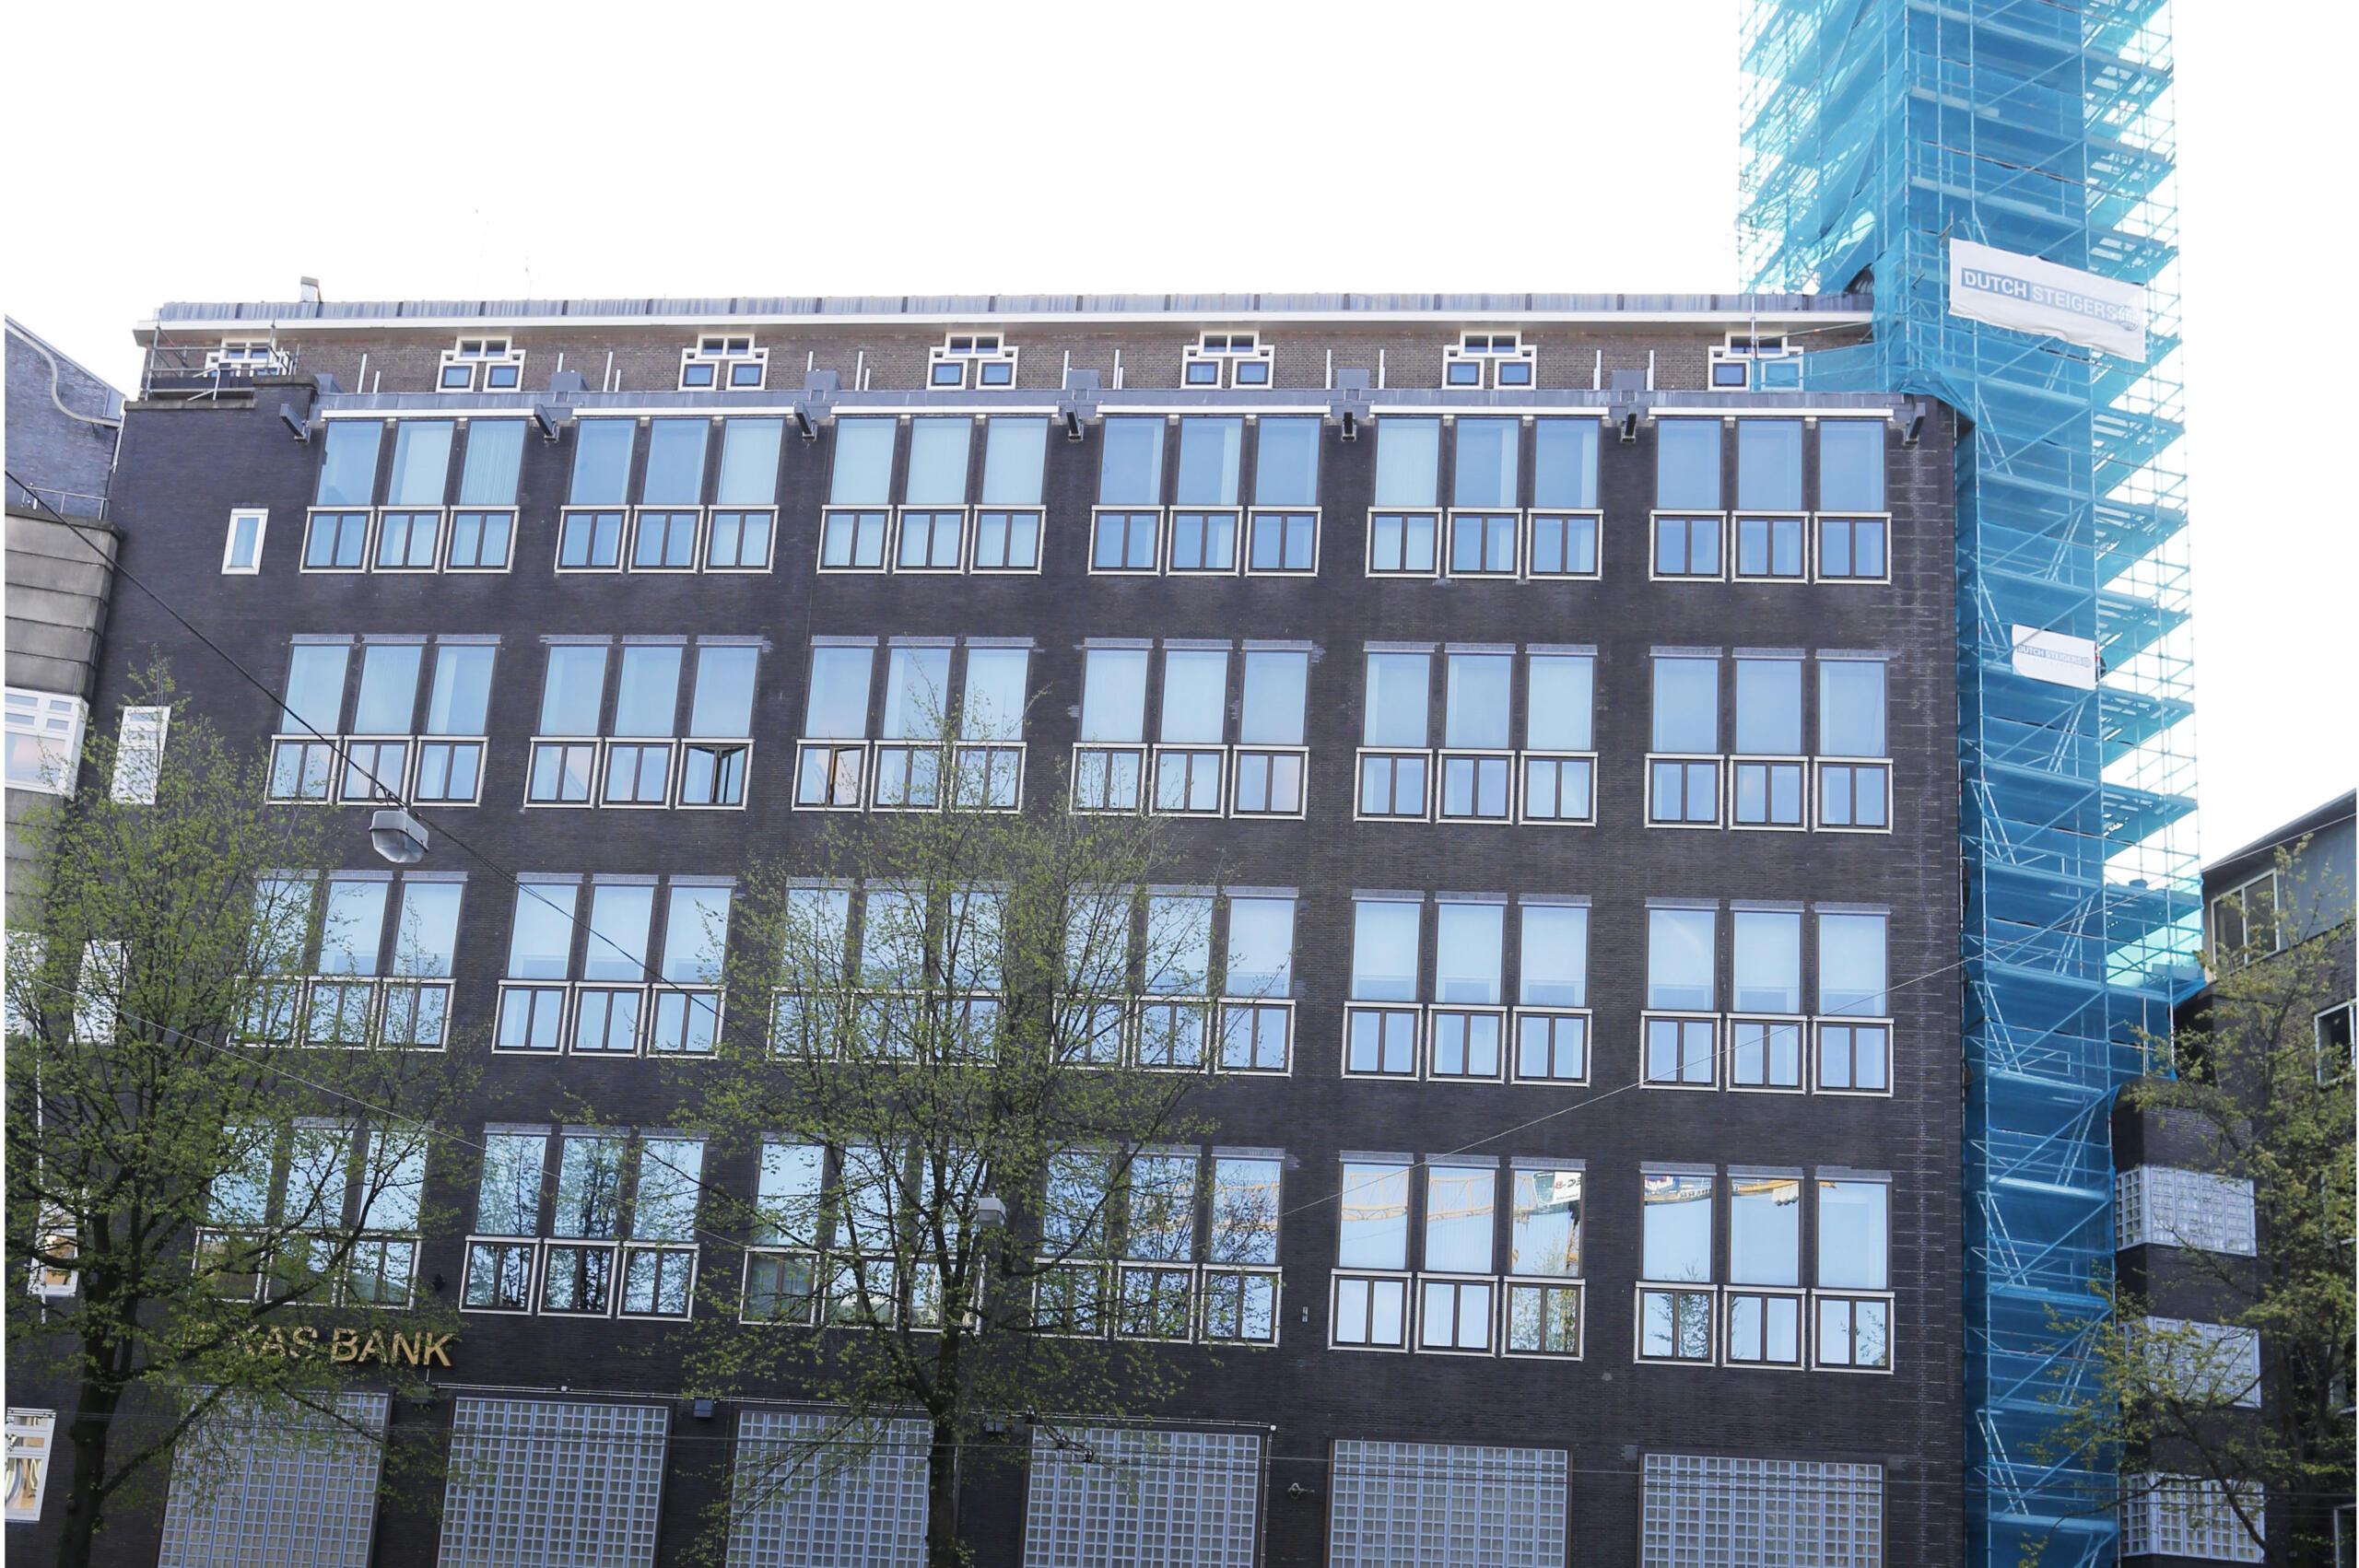 Homepage Burgelijke En Utiliteitsbouw E1469221822114